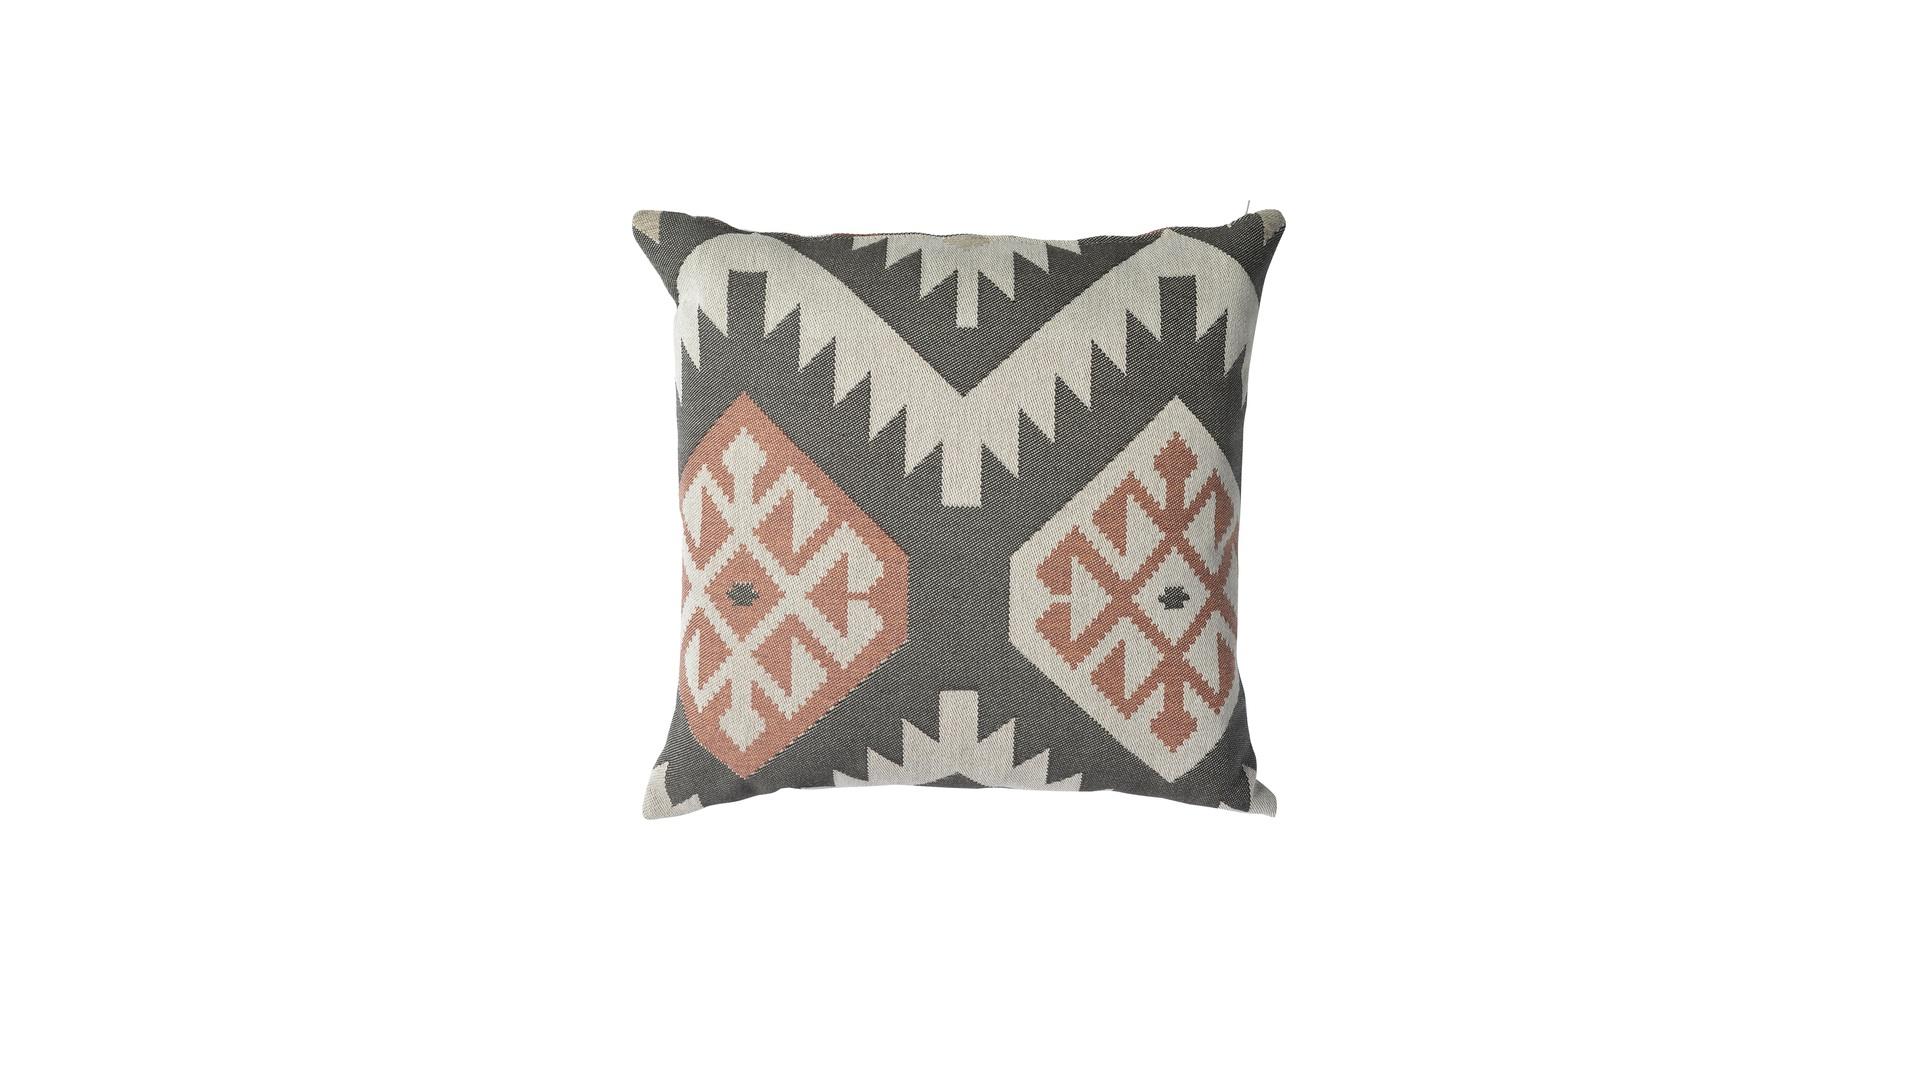 2020 Borek Prato decorative cushion 50x50 ateca KS541-11118 2.jpg